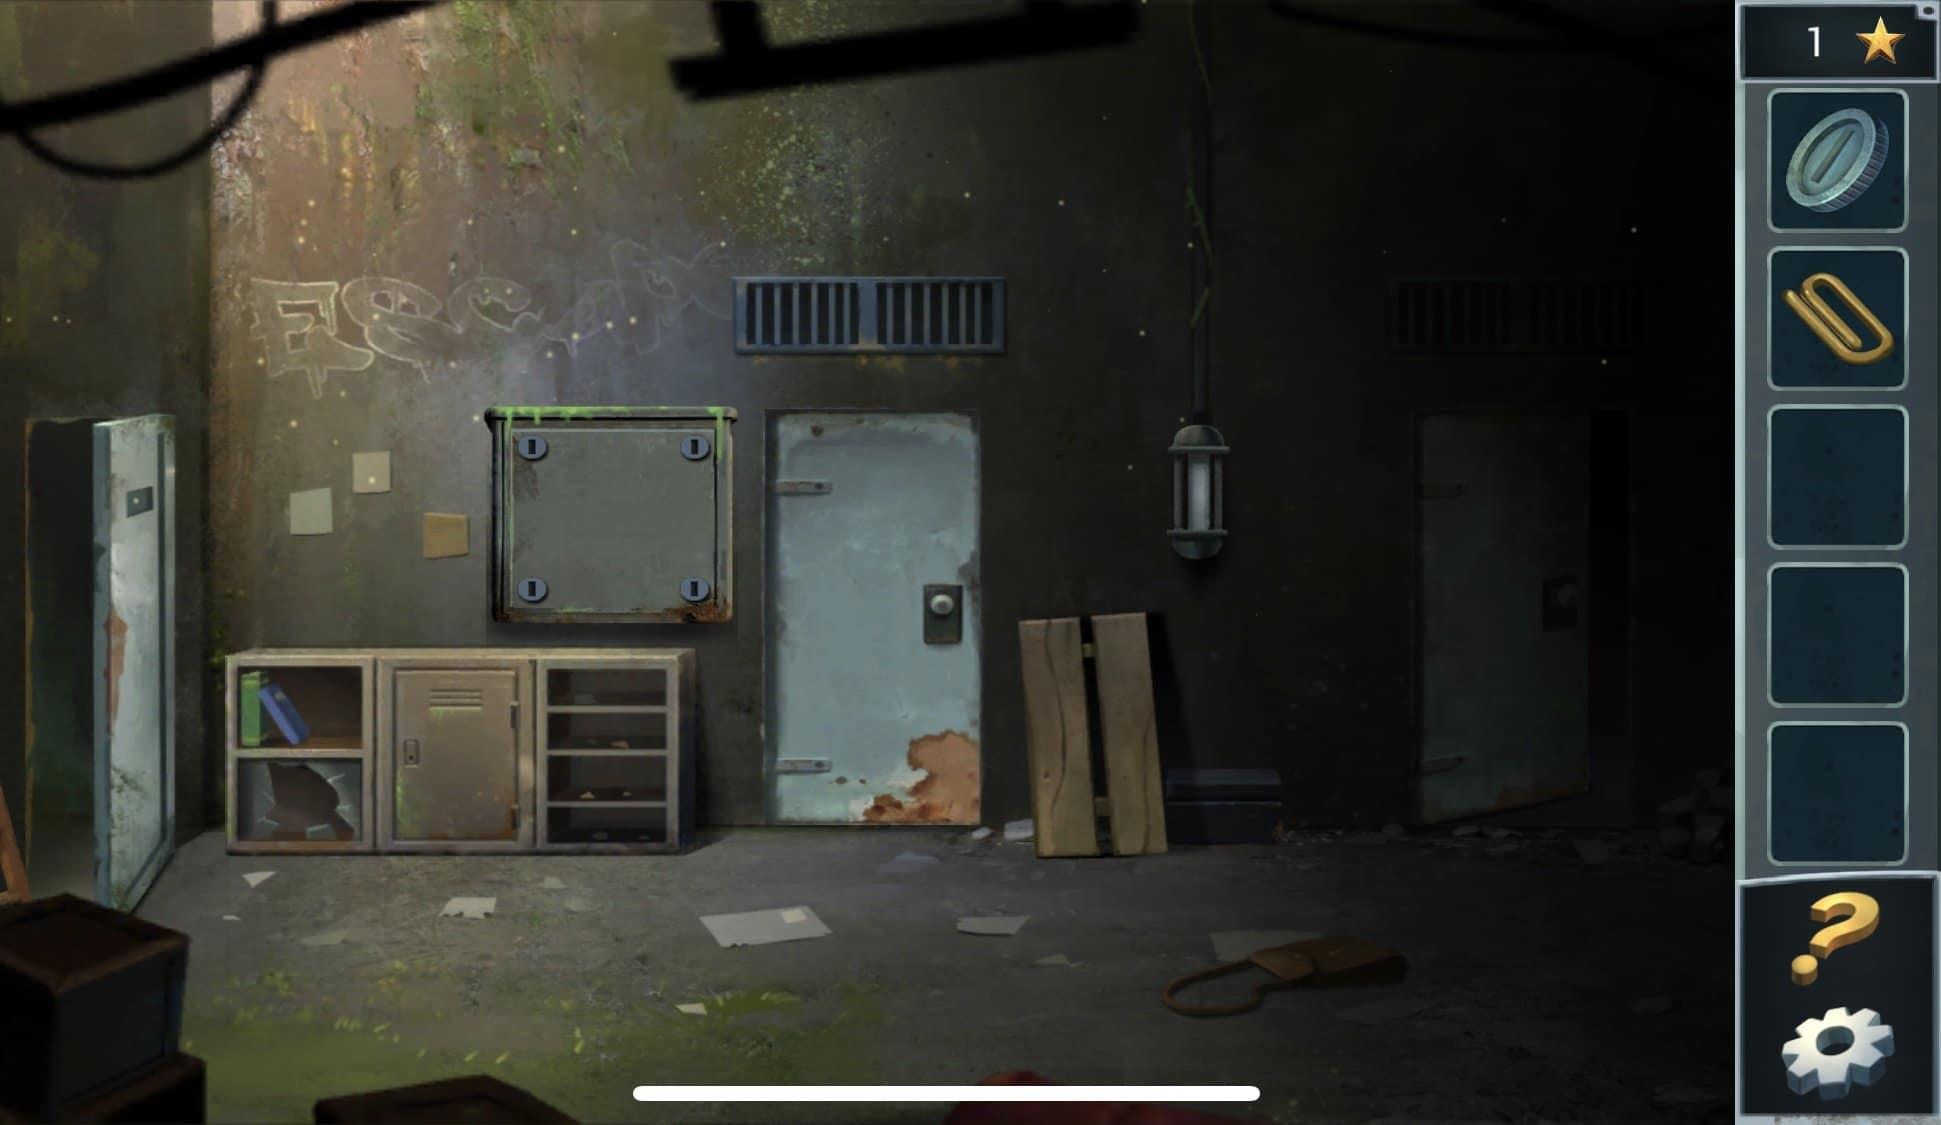 В коридоре Вы увидите металлический шкафчик, он будет стоять на полу. С помощью скрепки, откройте дверку шкафа и заберите из него батарейку. Далее на стене Вы увидите металлическую крышку, монетой открутите в крышке шурупы и перед Вами появится шифр. Засекреченный код Вы сможете разгадать, вернувшись в тюремную камеру. В камере на стене, Вы увидите комбинацию игры «крестики нолики» - крестики, ответ на шифр. Далее проходите в открывшуюся комнату, перед уходом захватив лестницу.